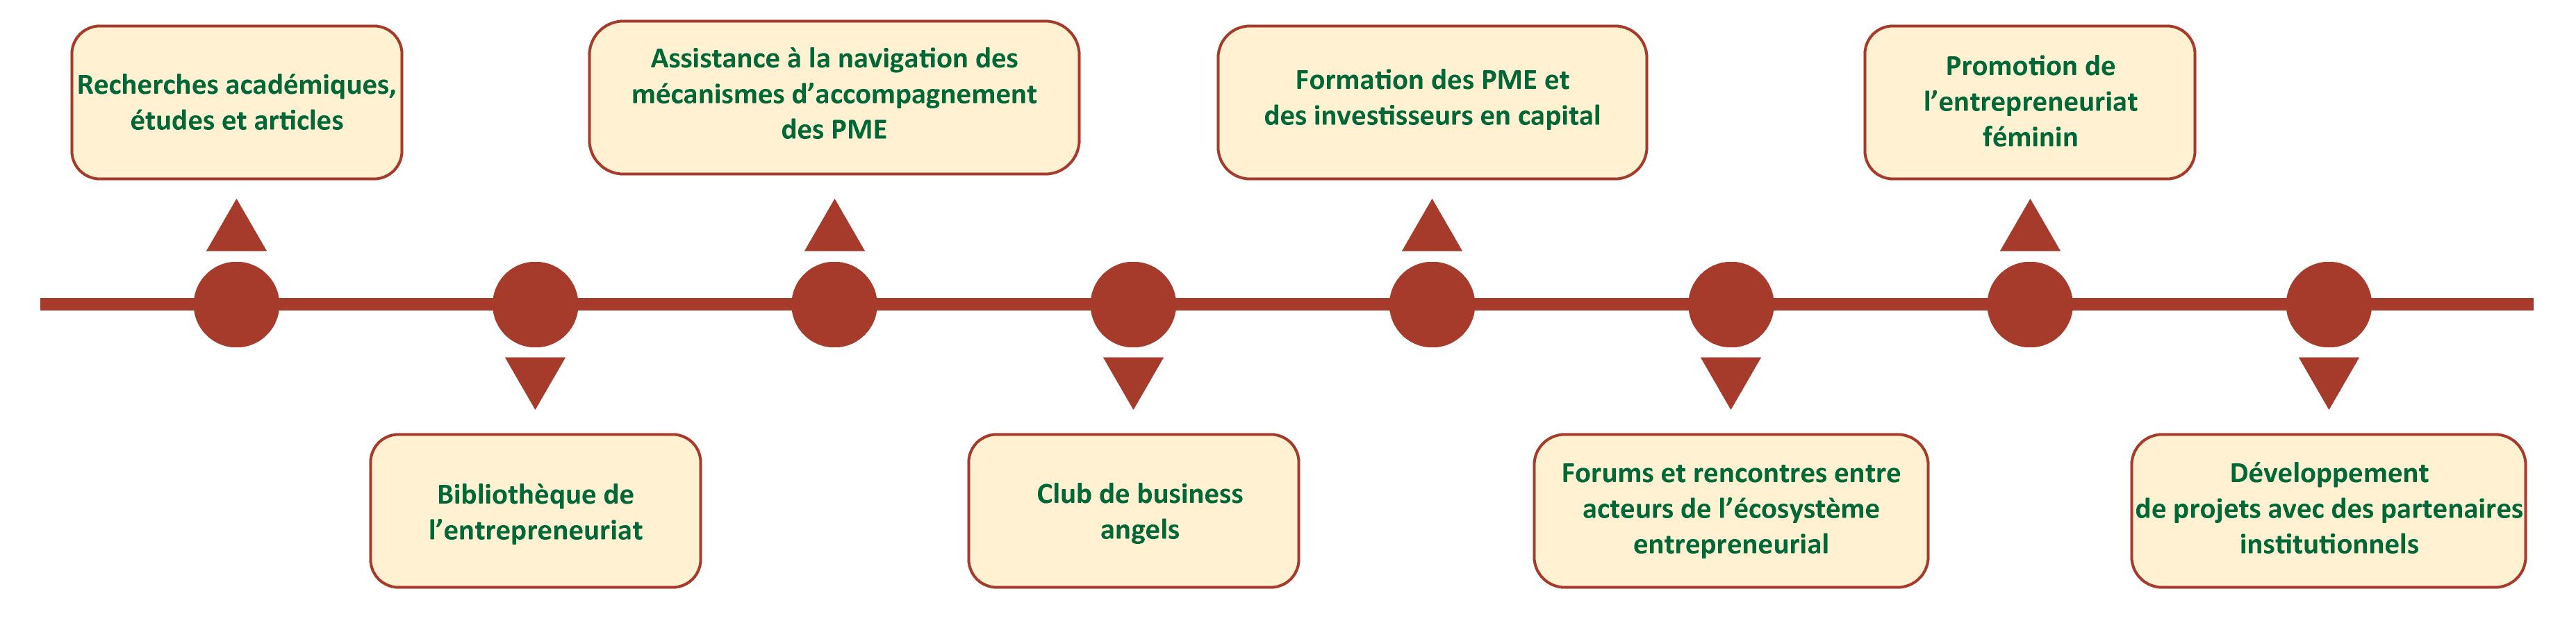 Activités CIDE MDE Business School